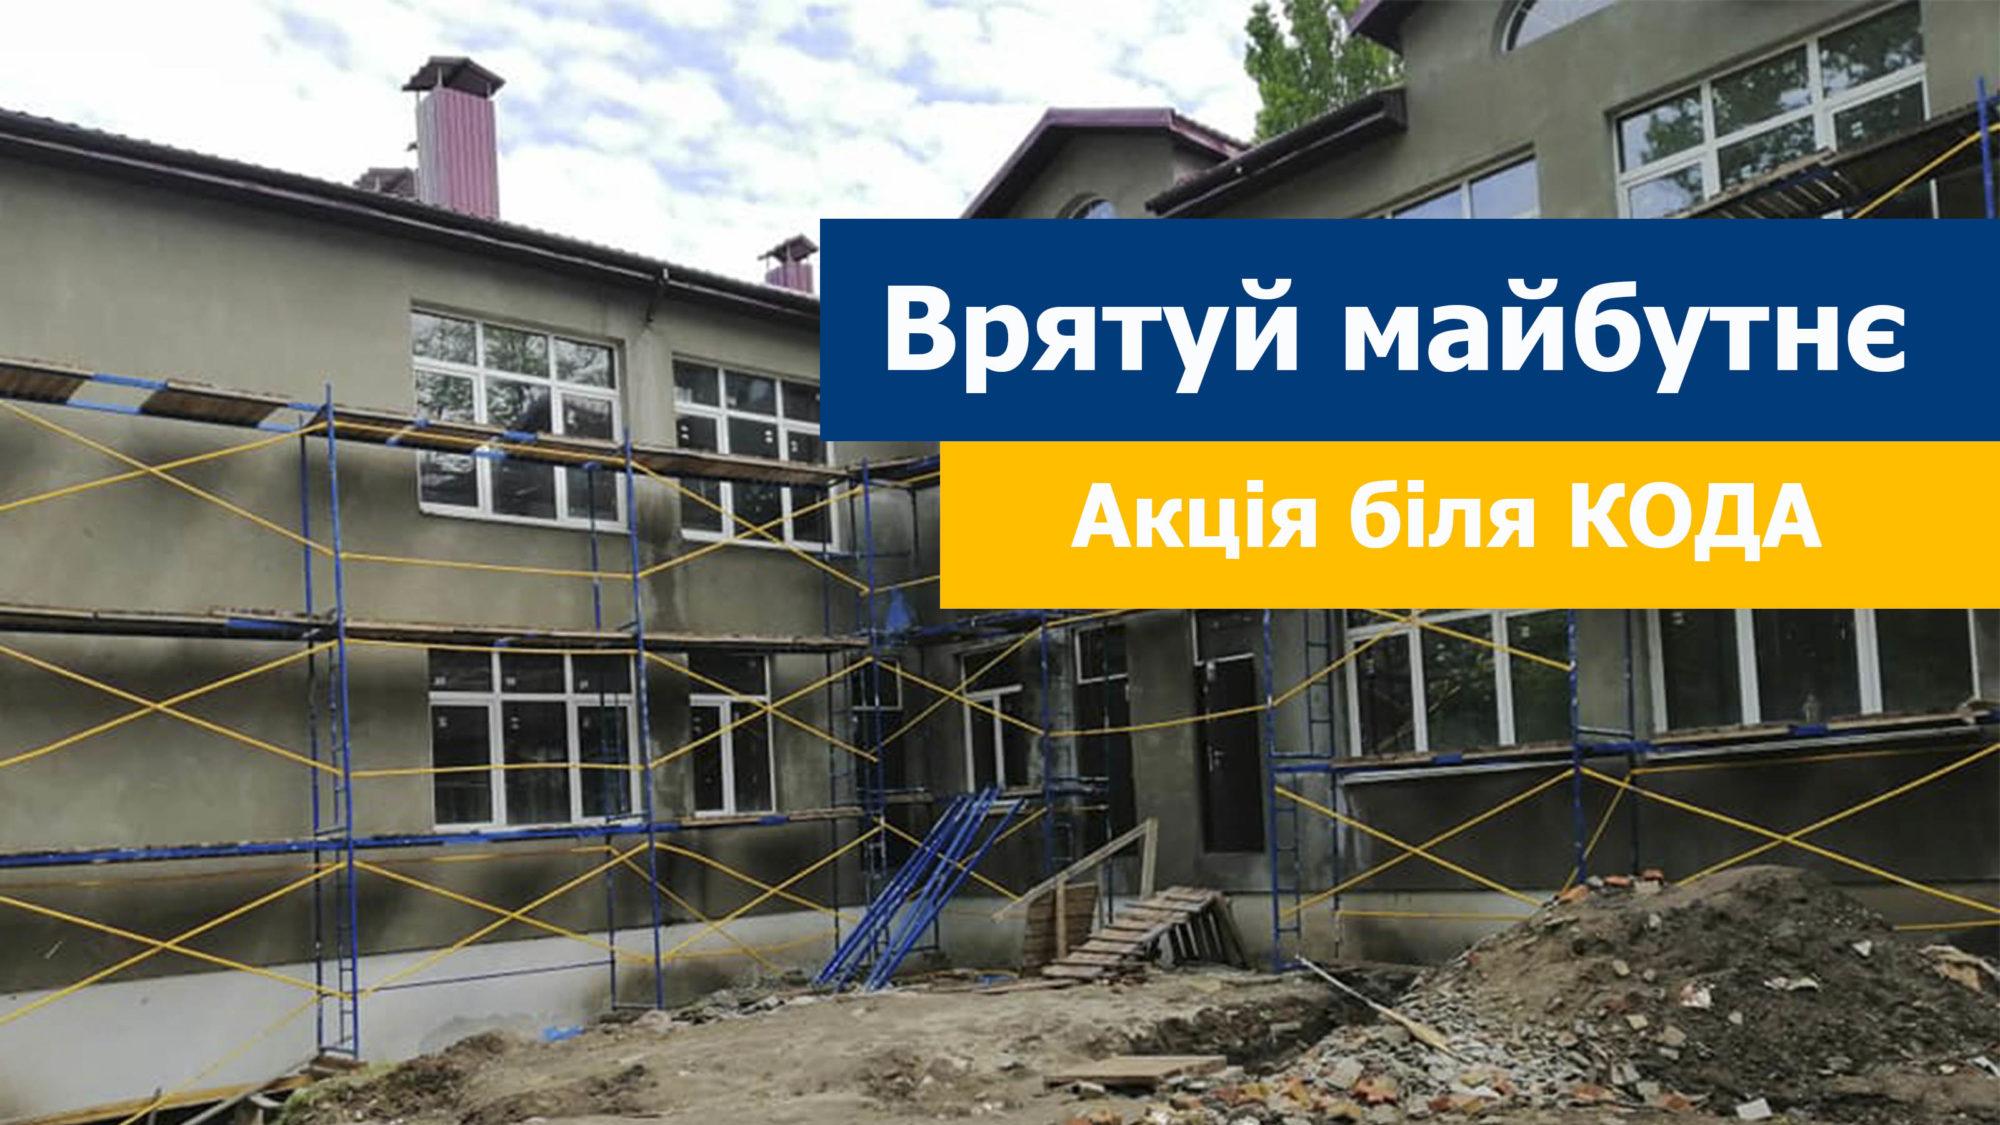 Врятуємо майбутнє: громаду Київщини  закликають прийти на акцію до КОДА - акція - 38595jgjjh 2000x1125